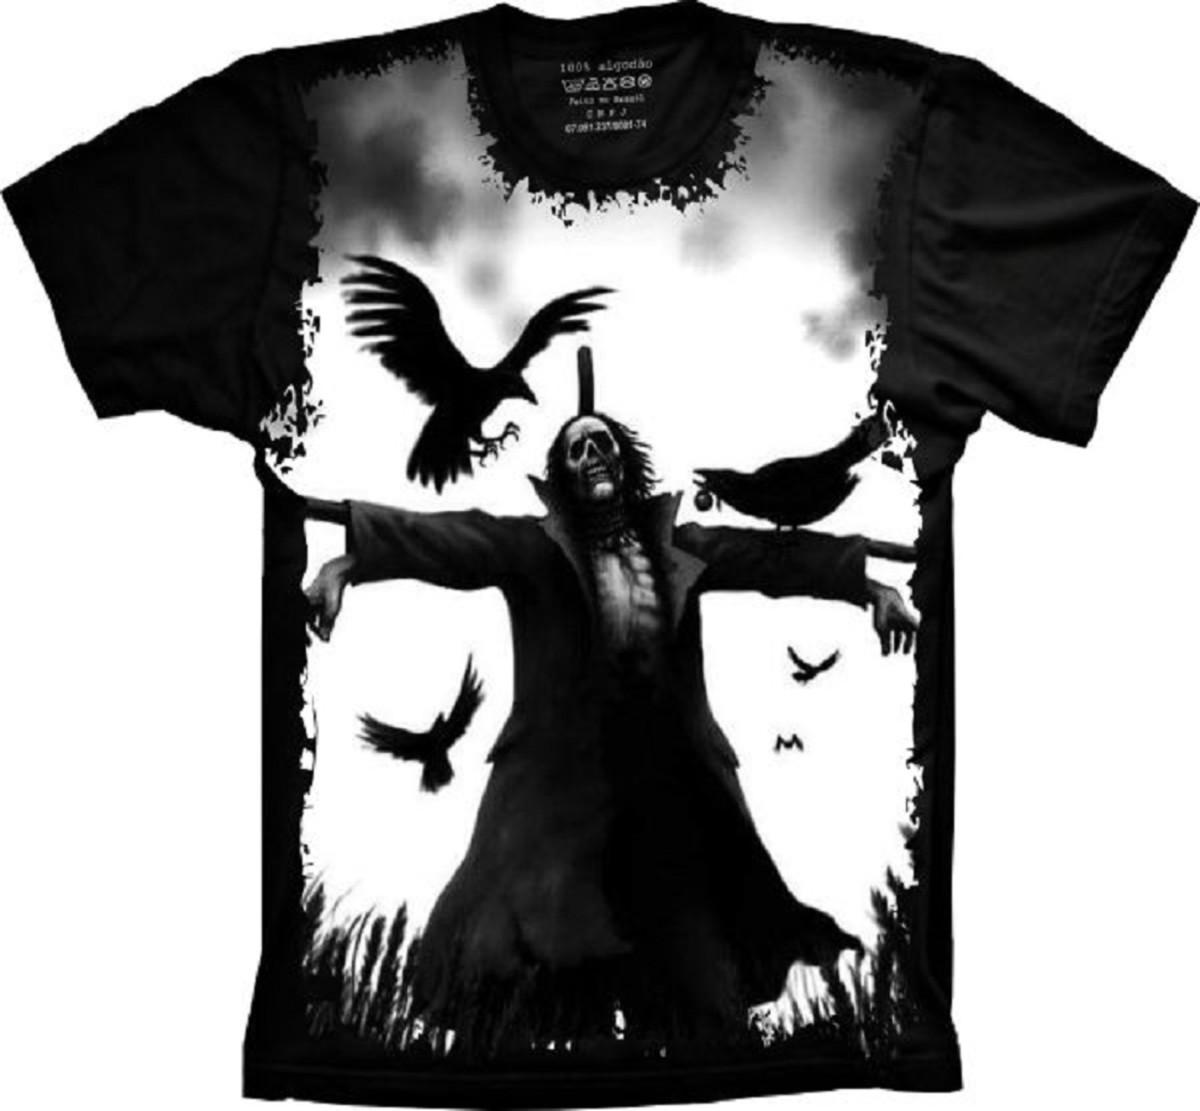 012dc8319a Camiseta Skull Caveira Espantalho e Corvos no Elo7